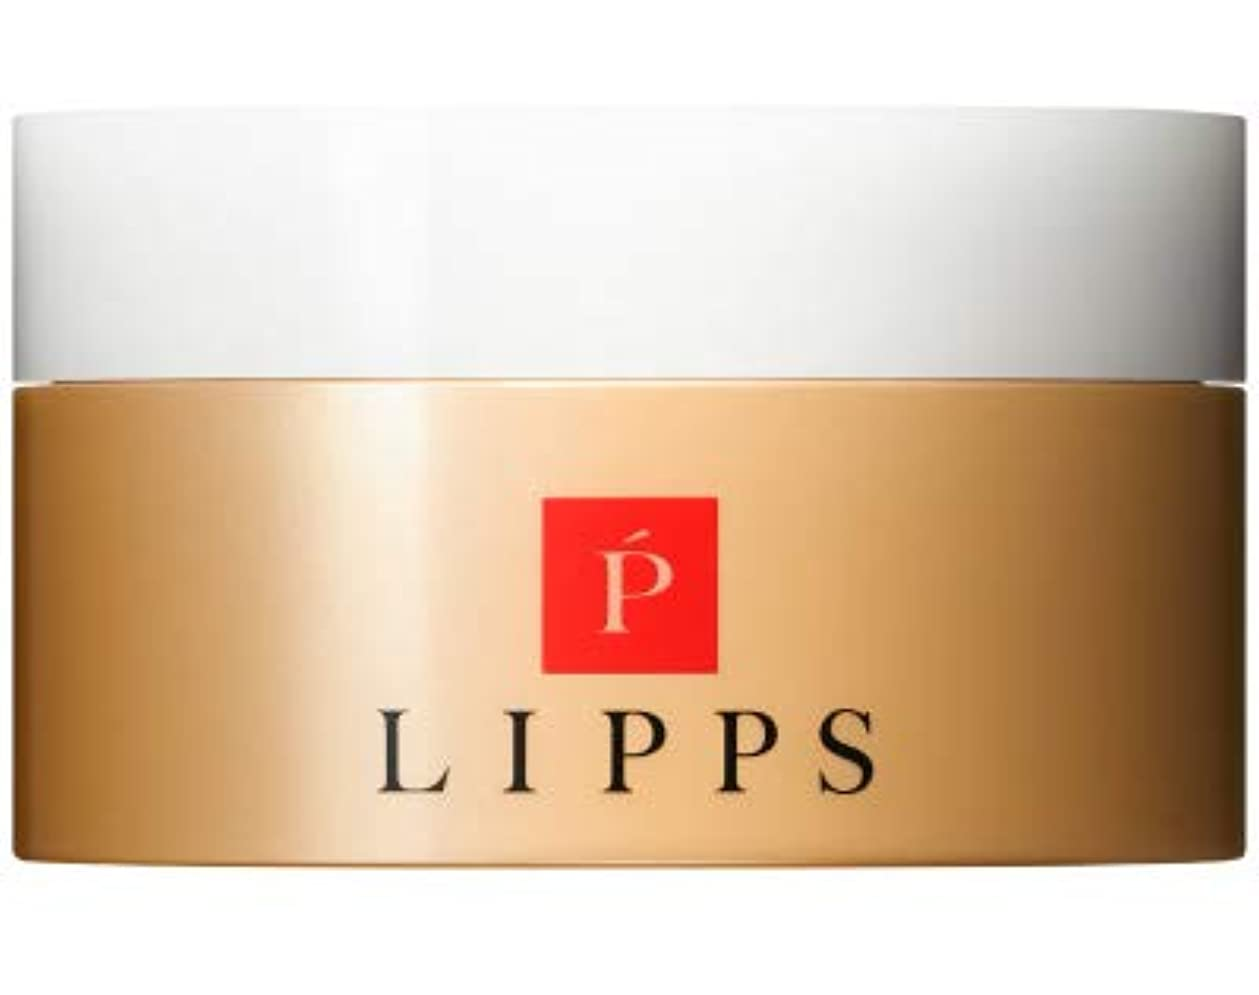 デイジー欠点いちゃつく【ふわっと動く×自由自在な束感】LIPPS L12フリーキープワックス (85g)